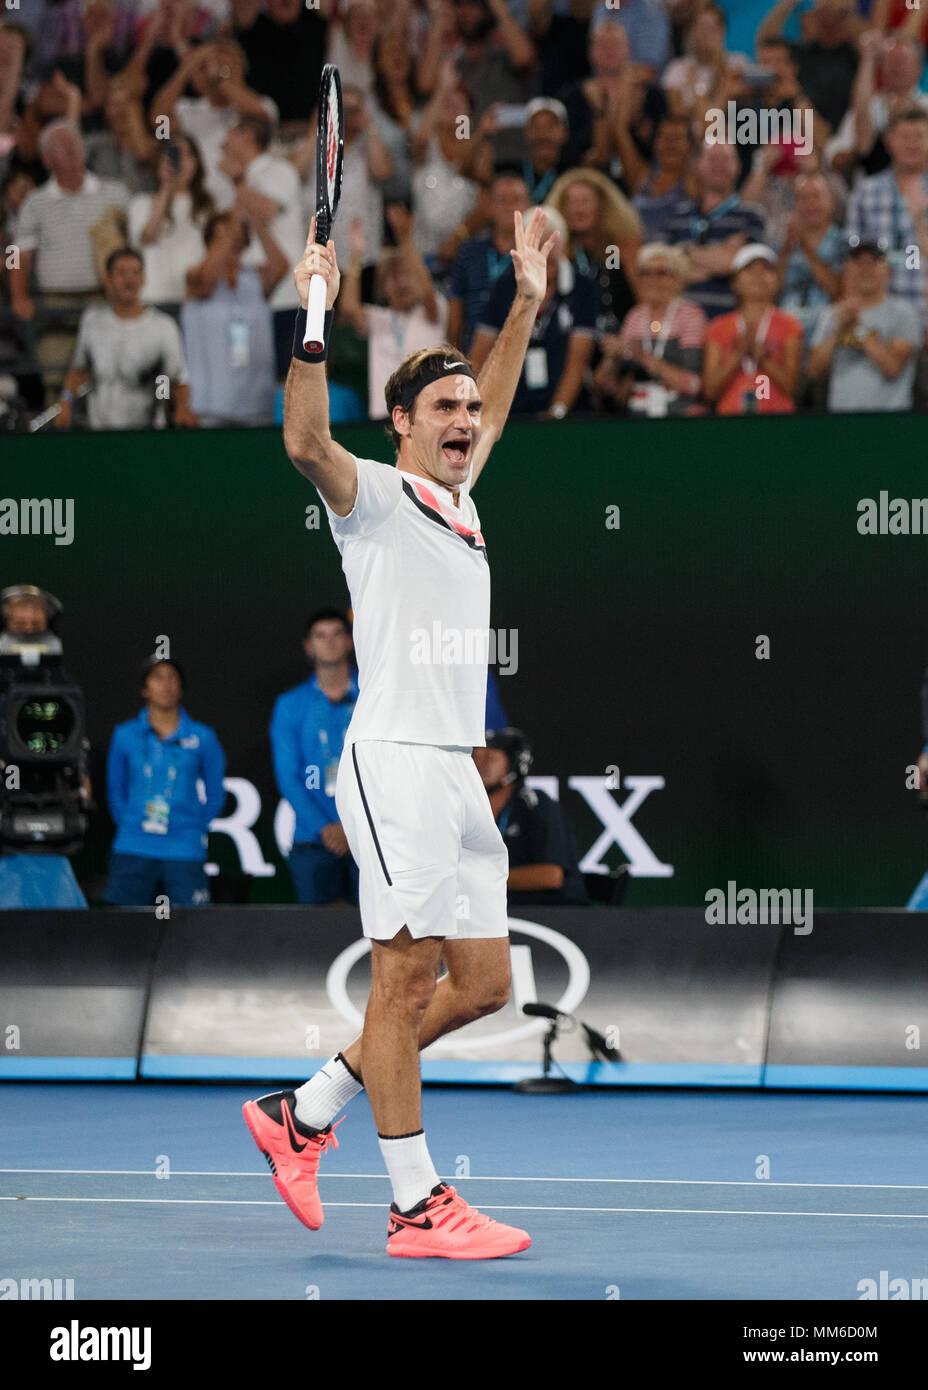 El tenista suizo Roger Federer celebra durante los hombres solteros match en el Abierto de Australia 2018, Torneo de Tenis de Melbourne Park, Melbourne, Víctor Foto de stock